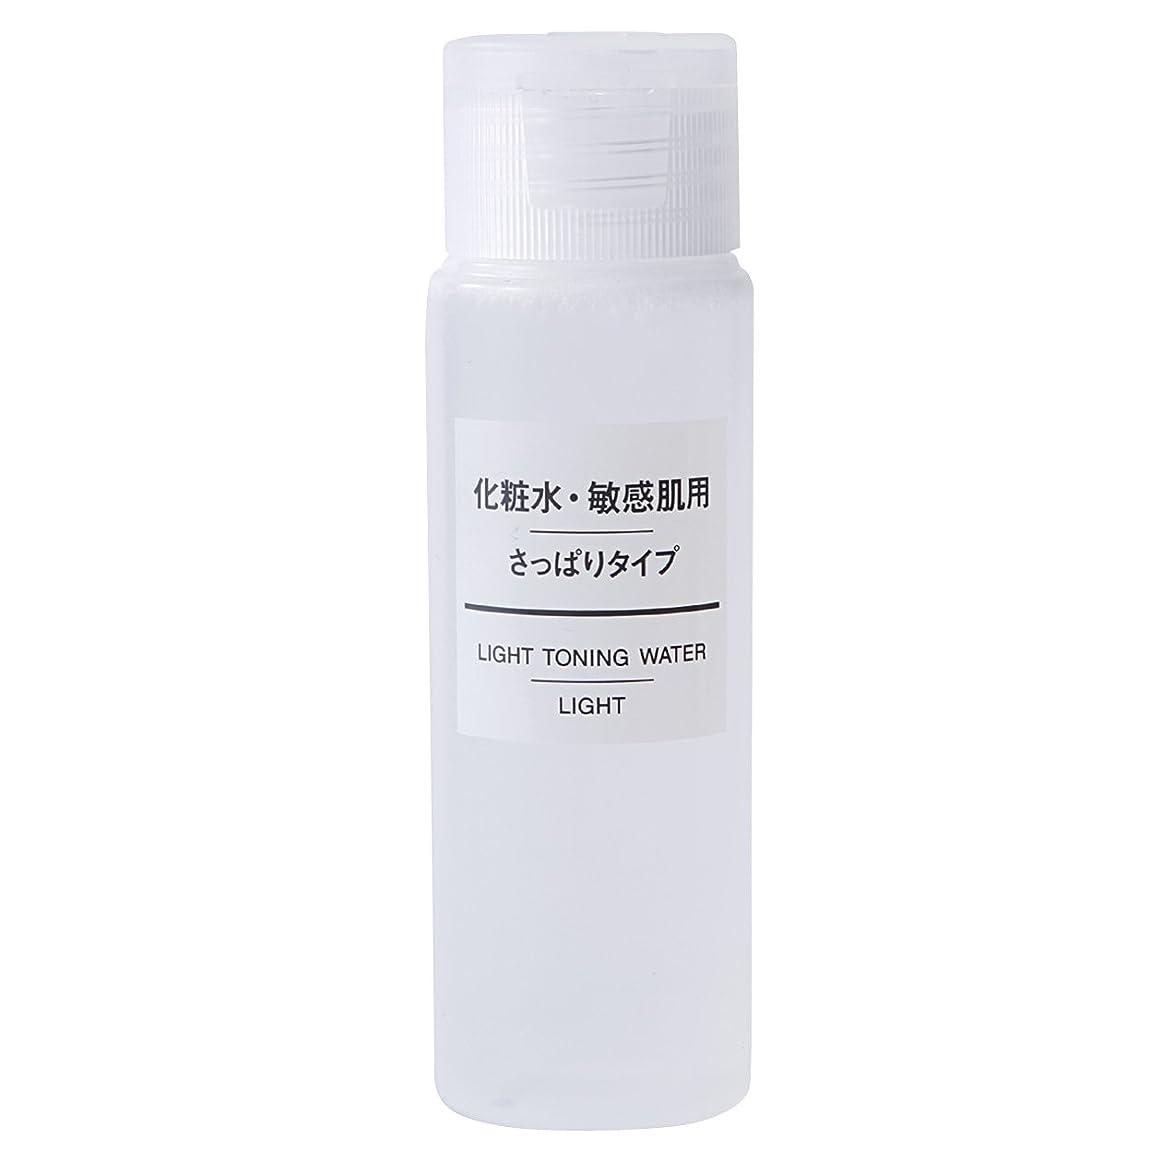 いっぱいブル学んだ無印良品 化粧水 敏感肌用 さっぱりタイプ(携帯用) 50ml